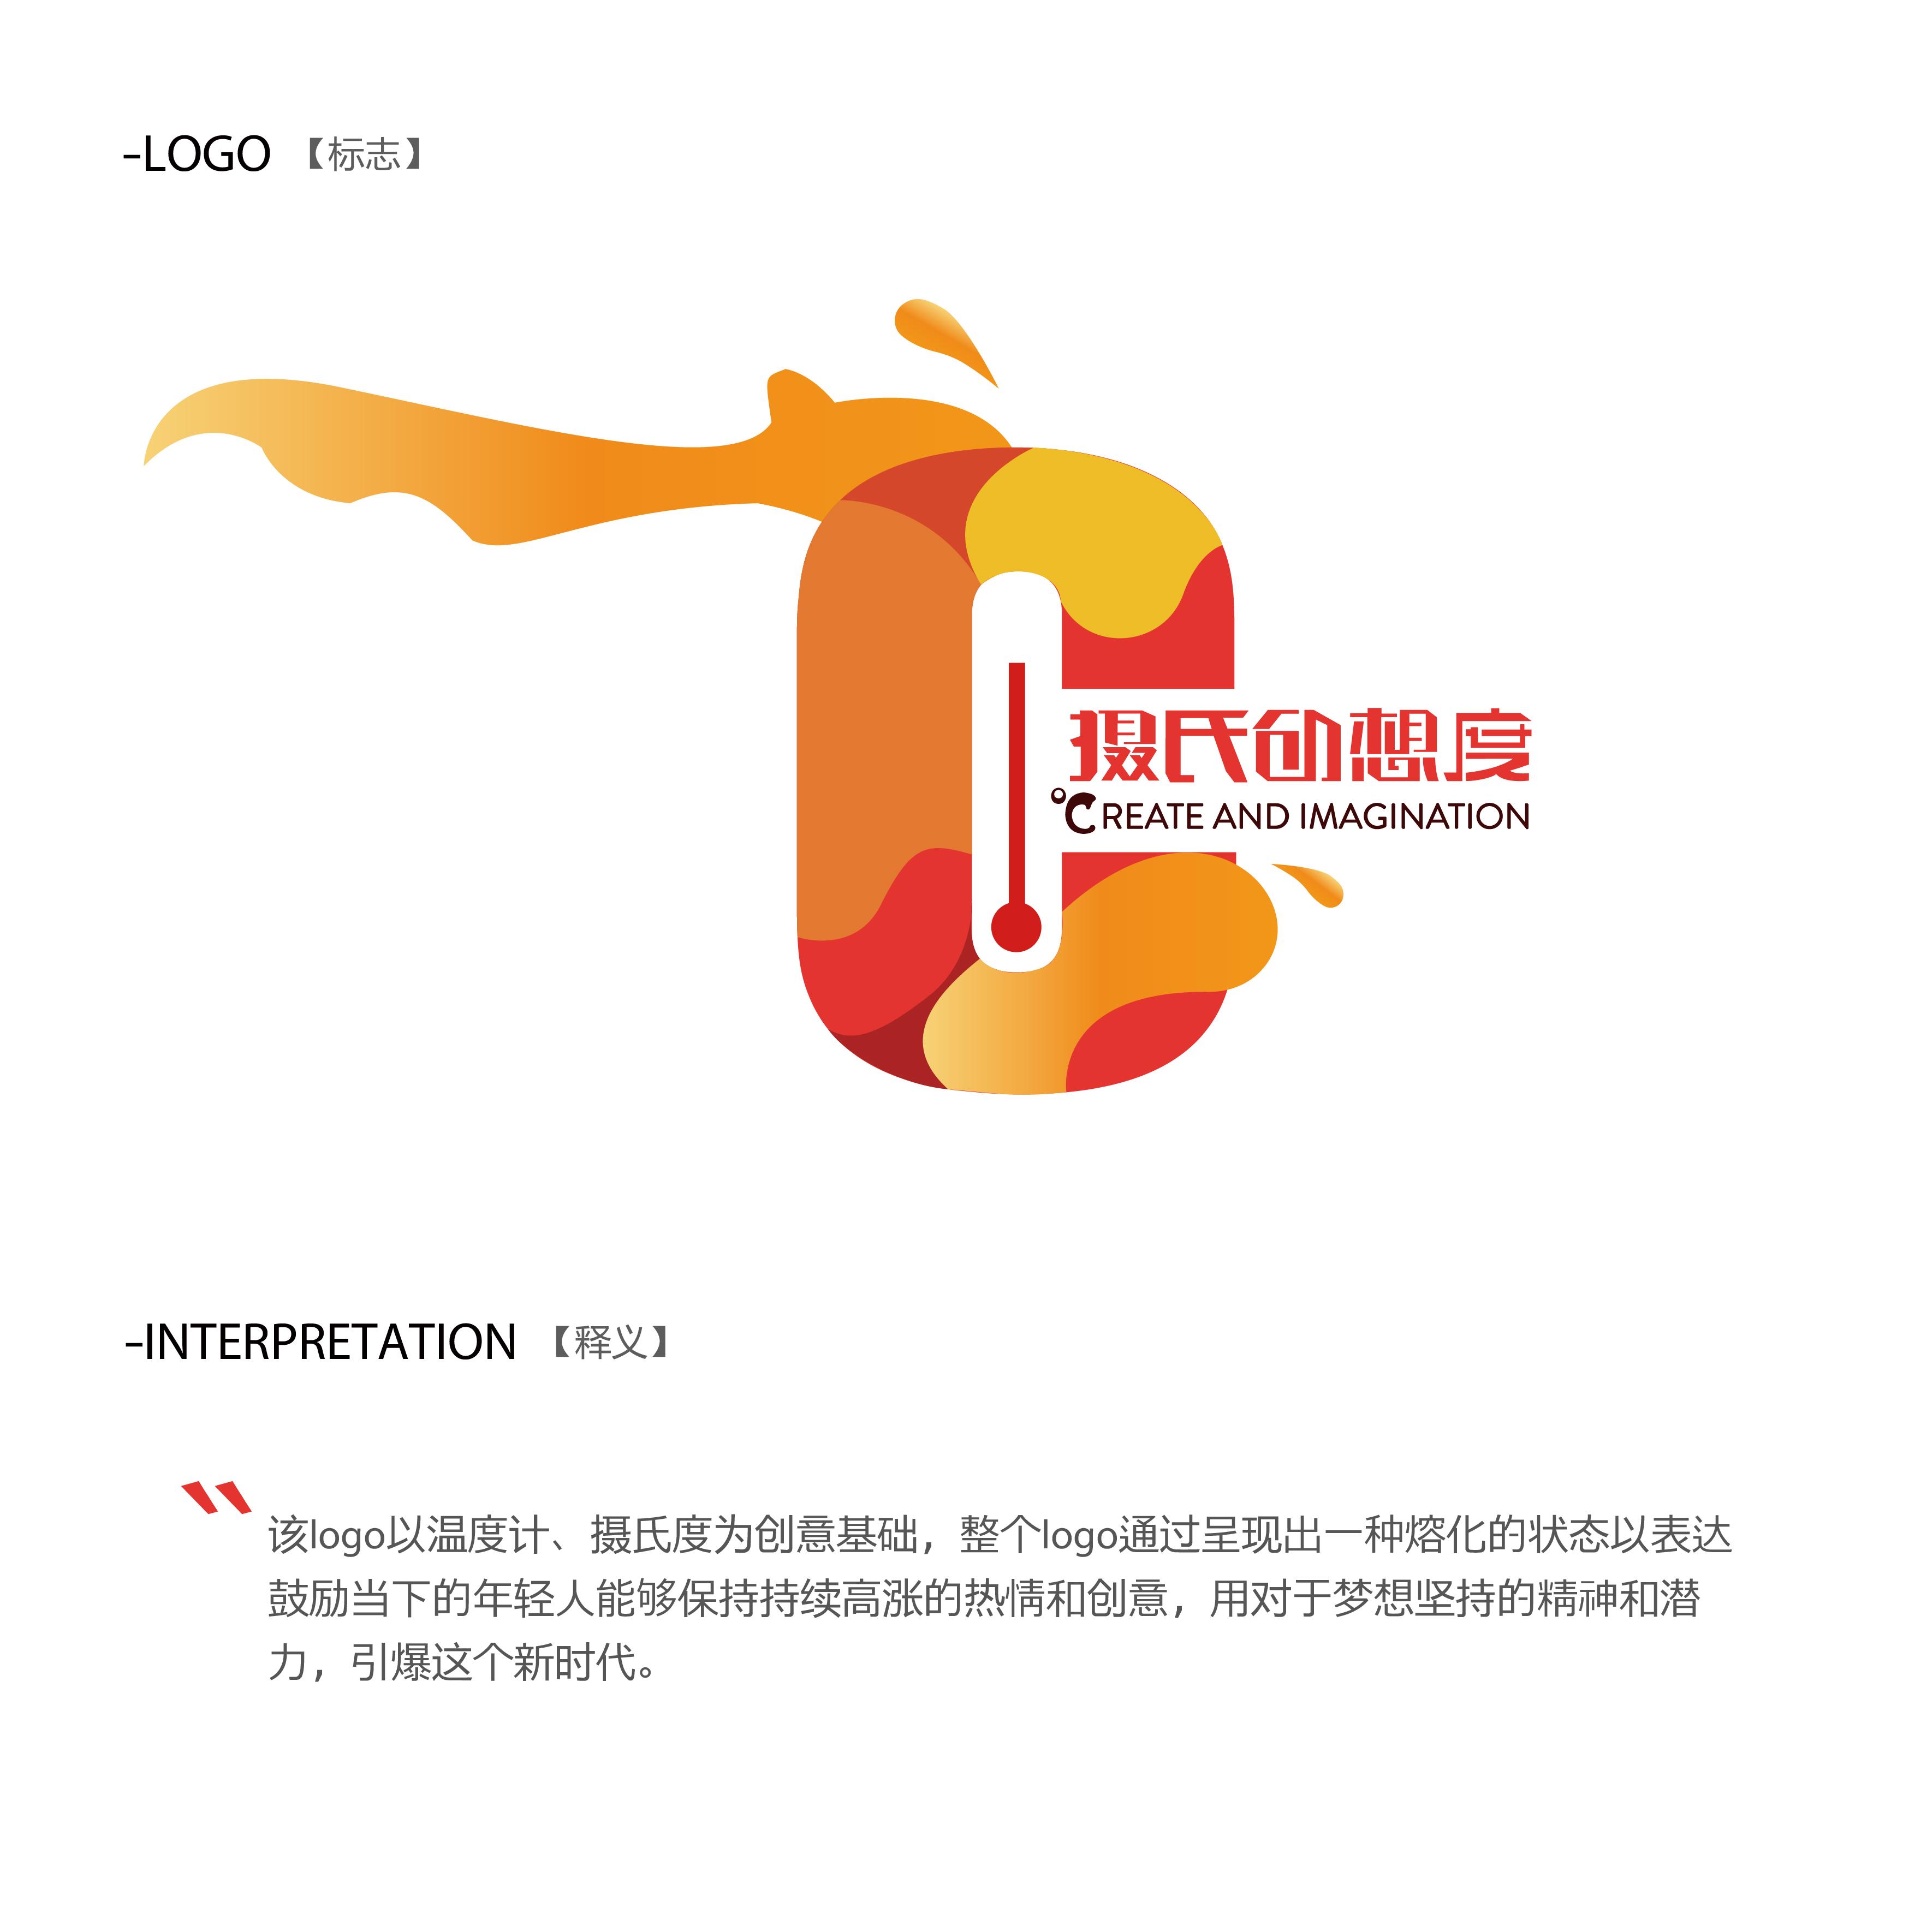 一组关于喷发意义的logo设计图片